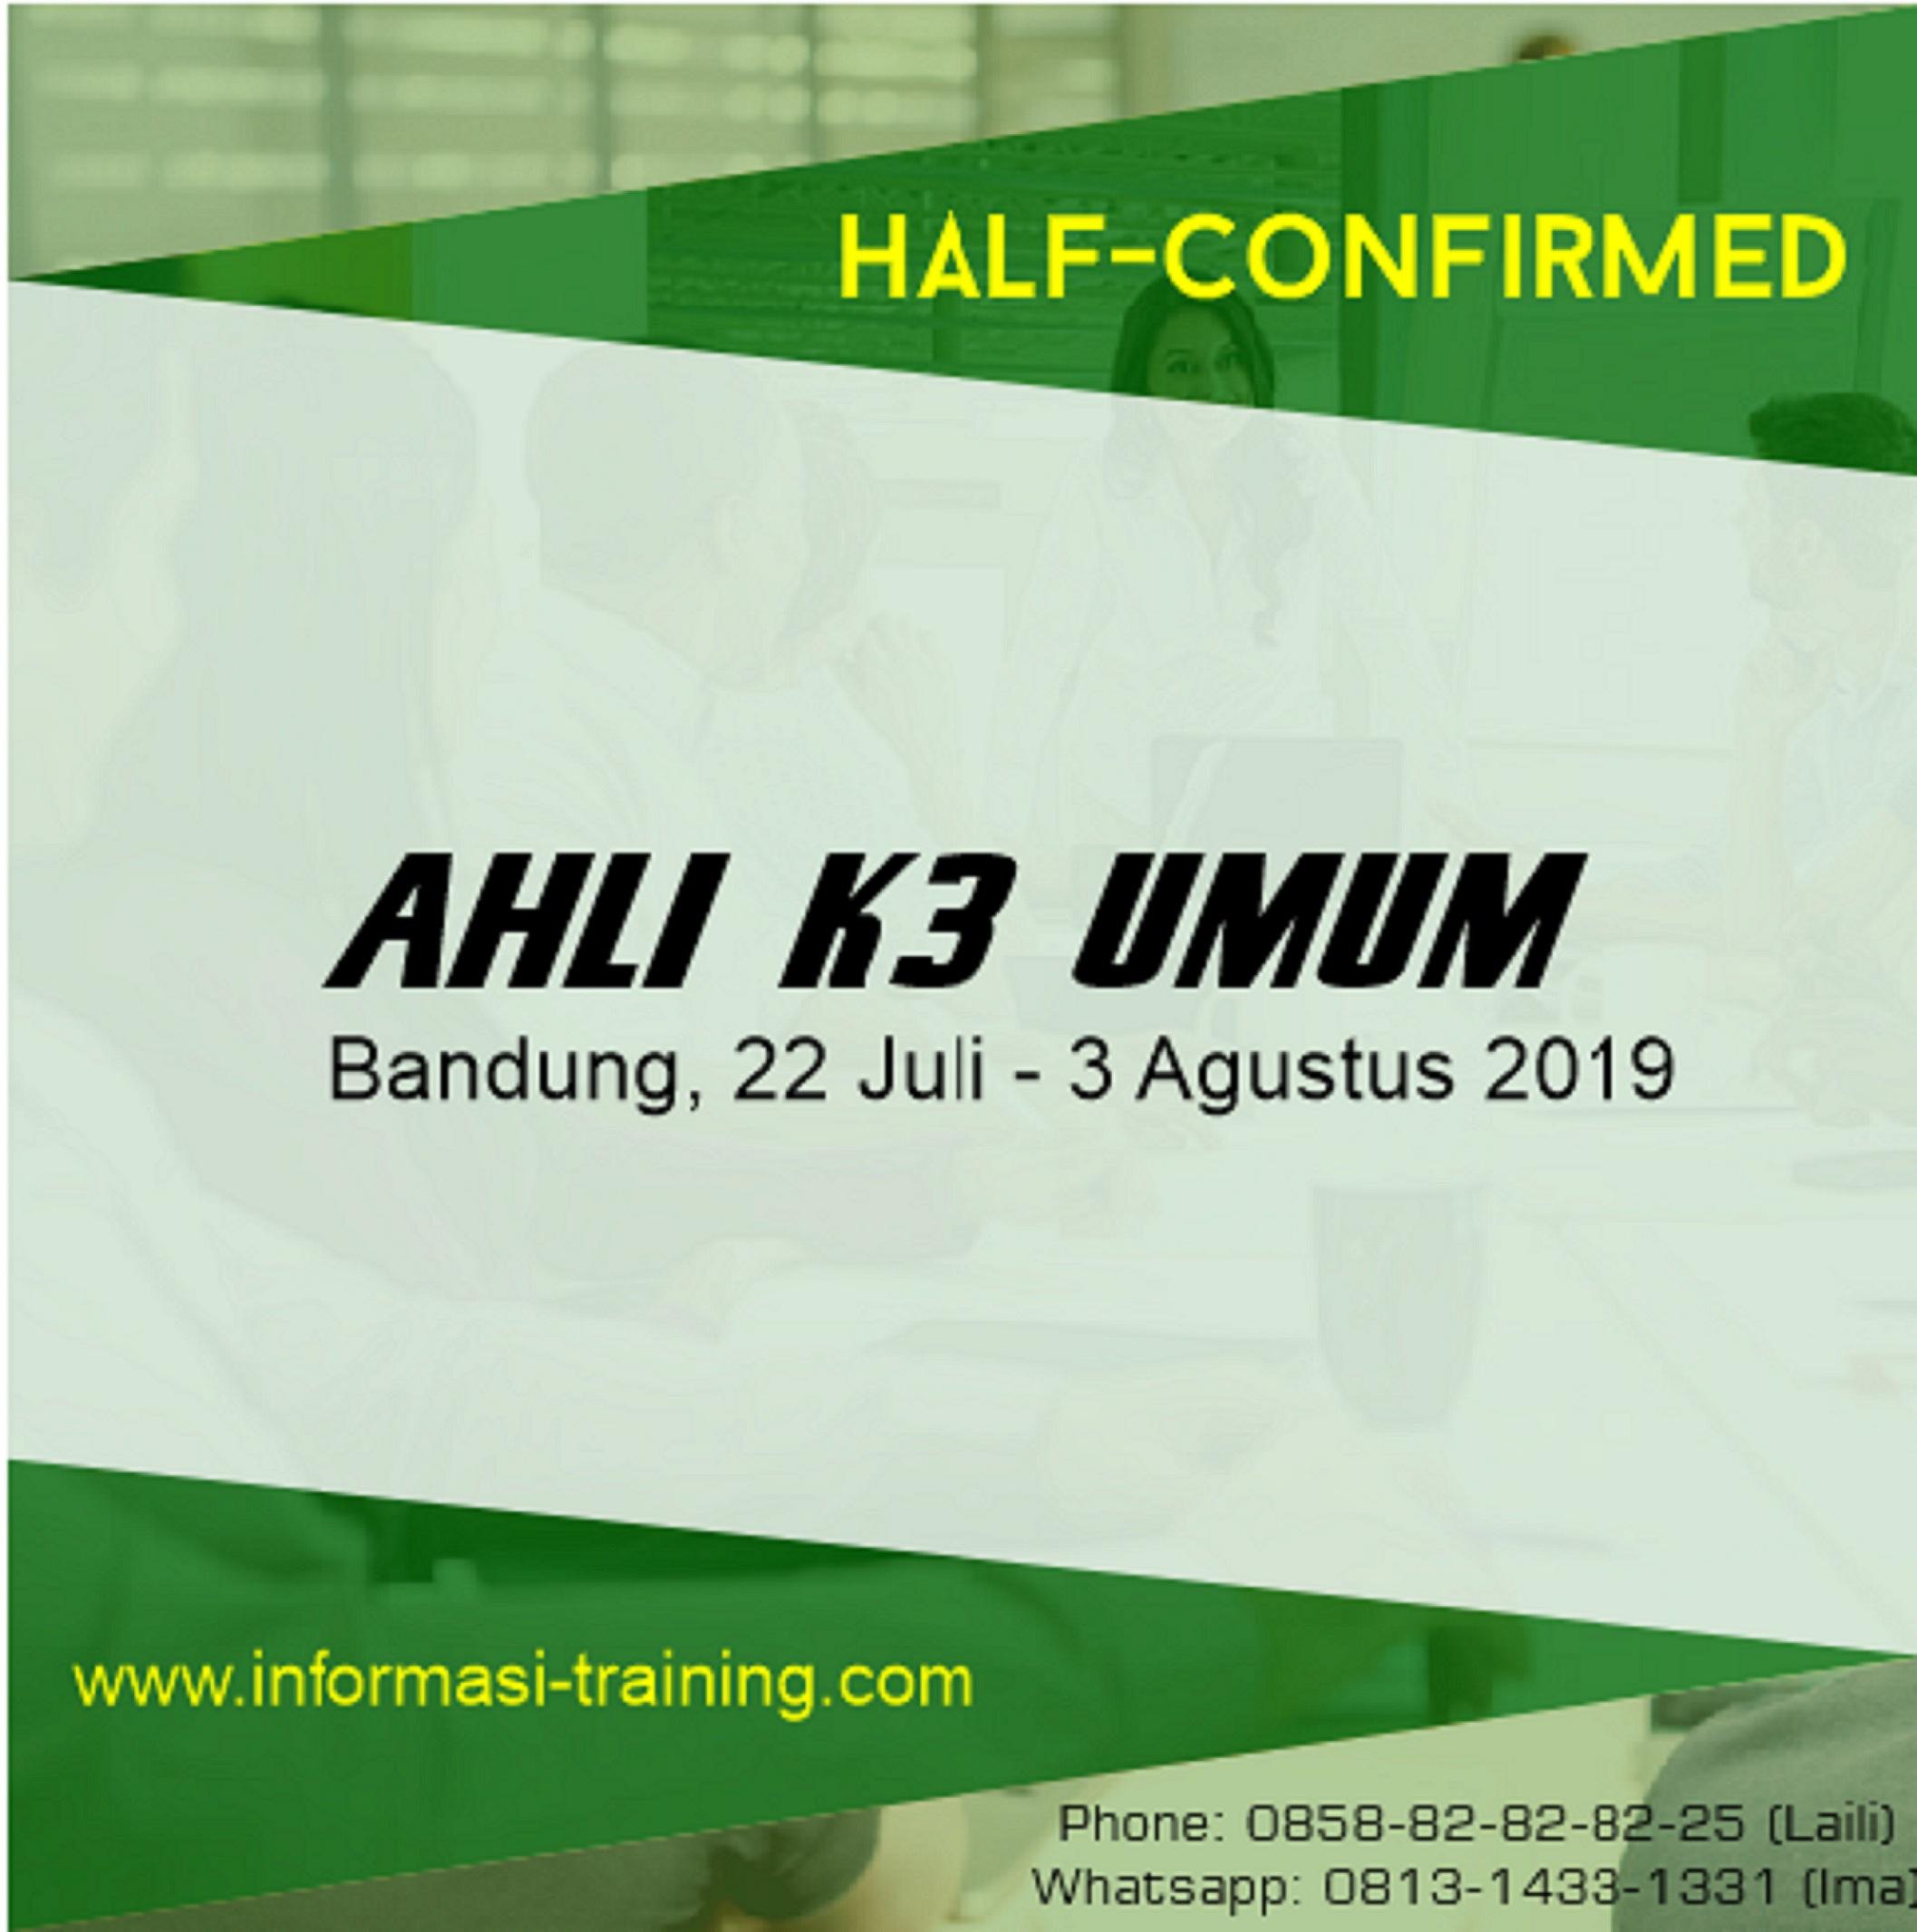 AHLI K3 UMUM: Sertifikasi Kemenakertrans RI (ALMOST RUNNING)